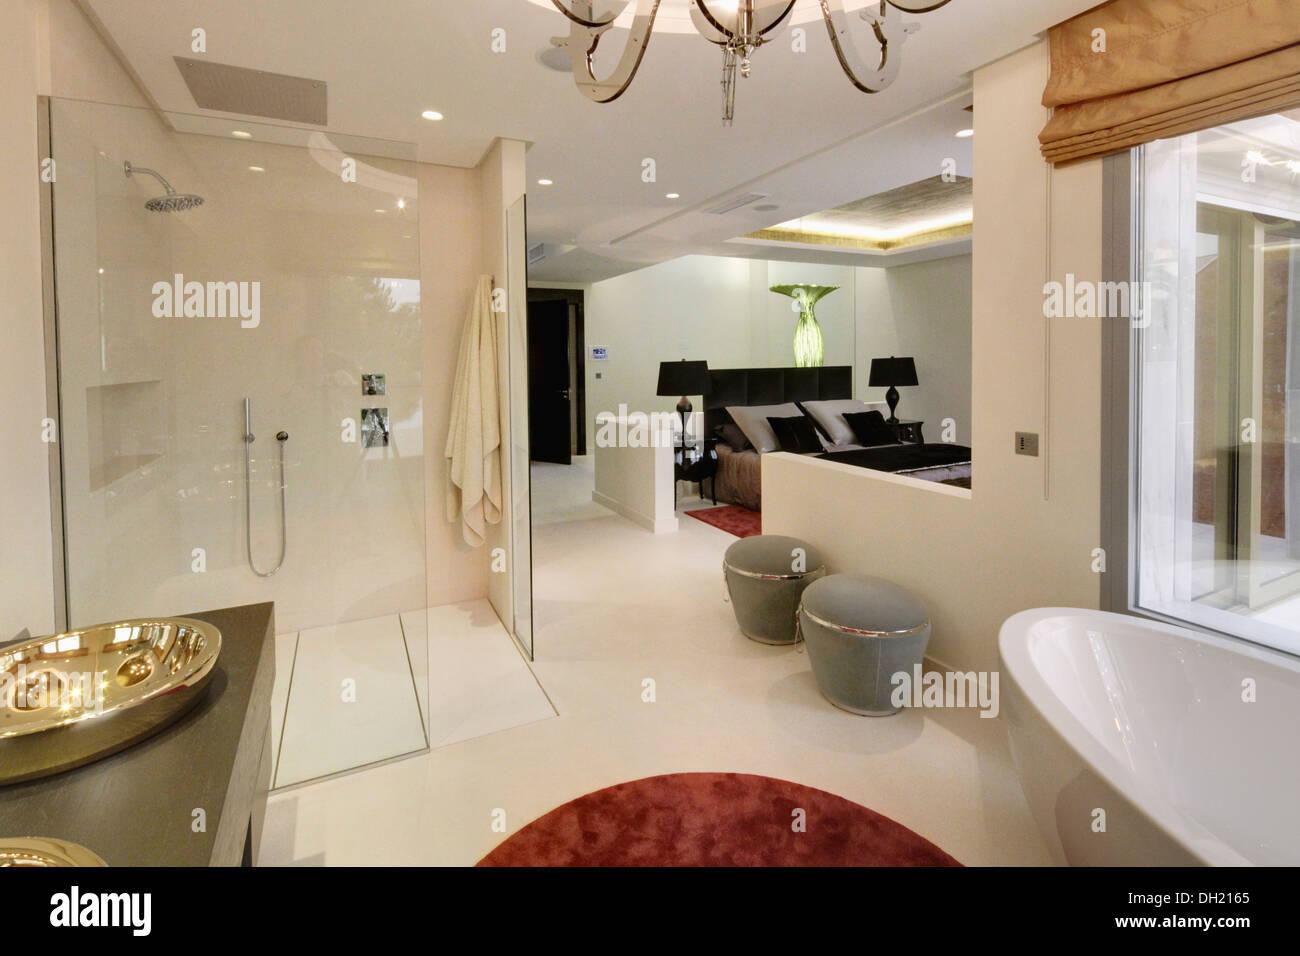 Großer Begehbarer Dusche Und Graue Stühle In Offene En Suite